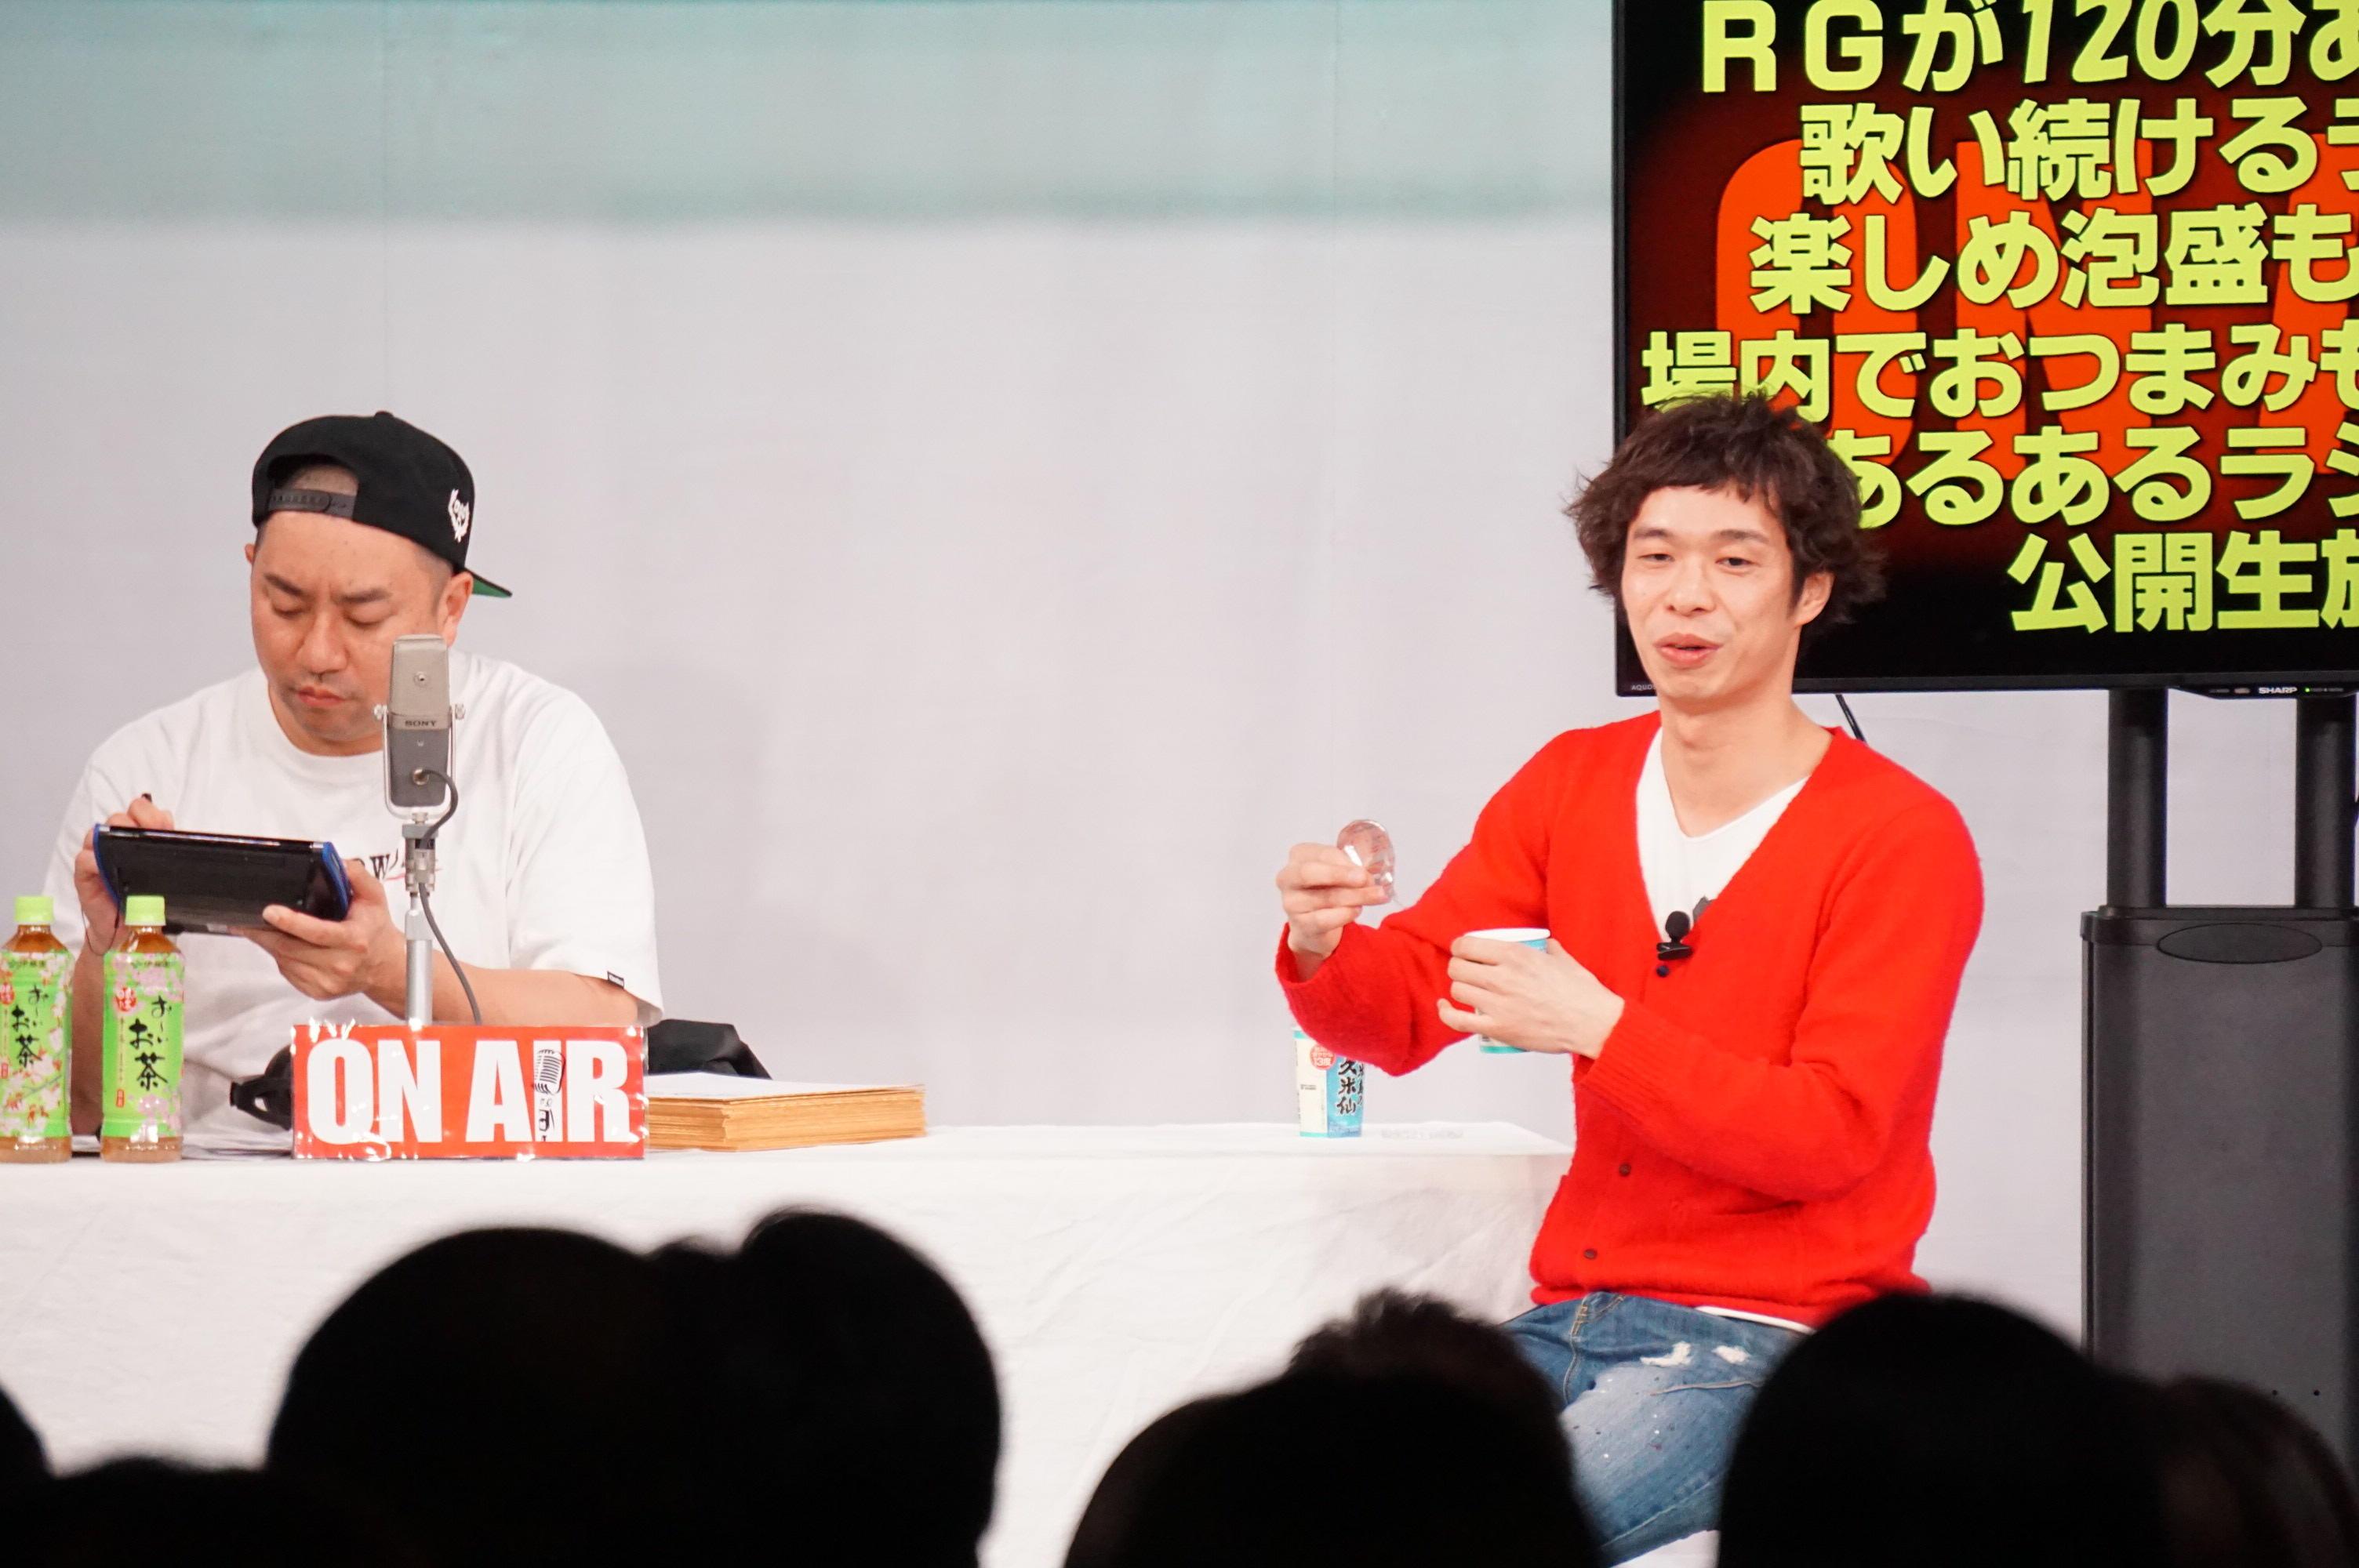 http://news.yoshimoto.co.jp/20160301170536-9c49347aa9e5284db8bbc13d6335eea4179d54cd.jpg